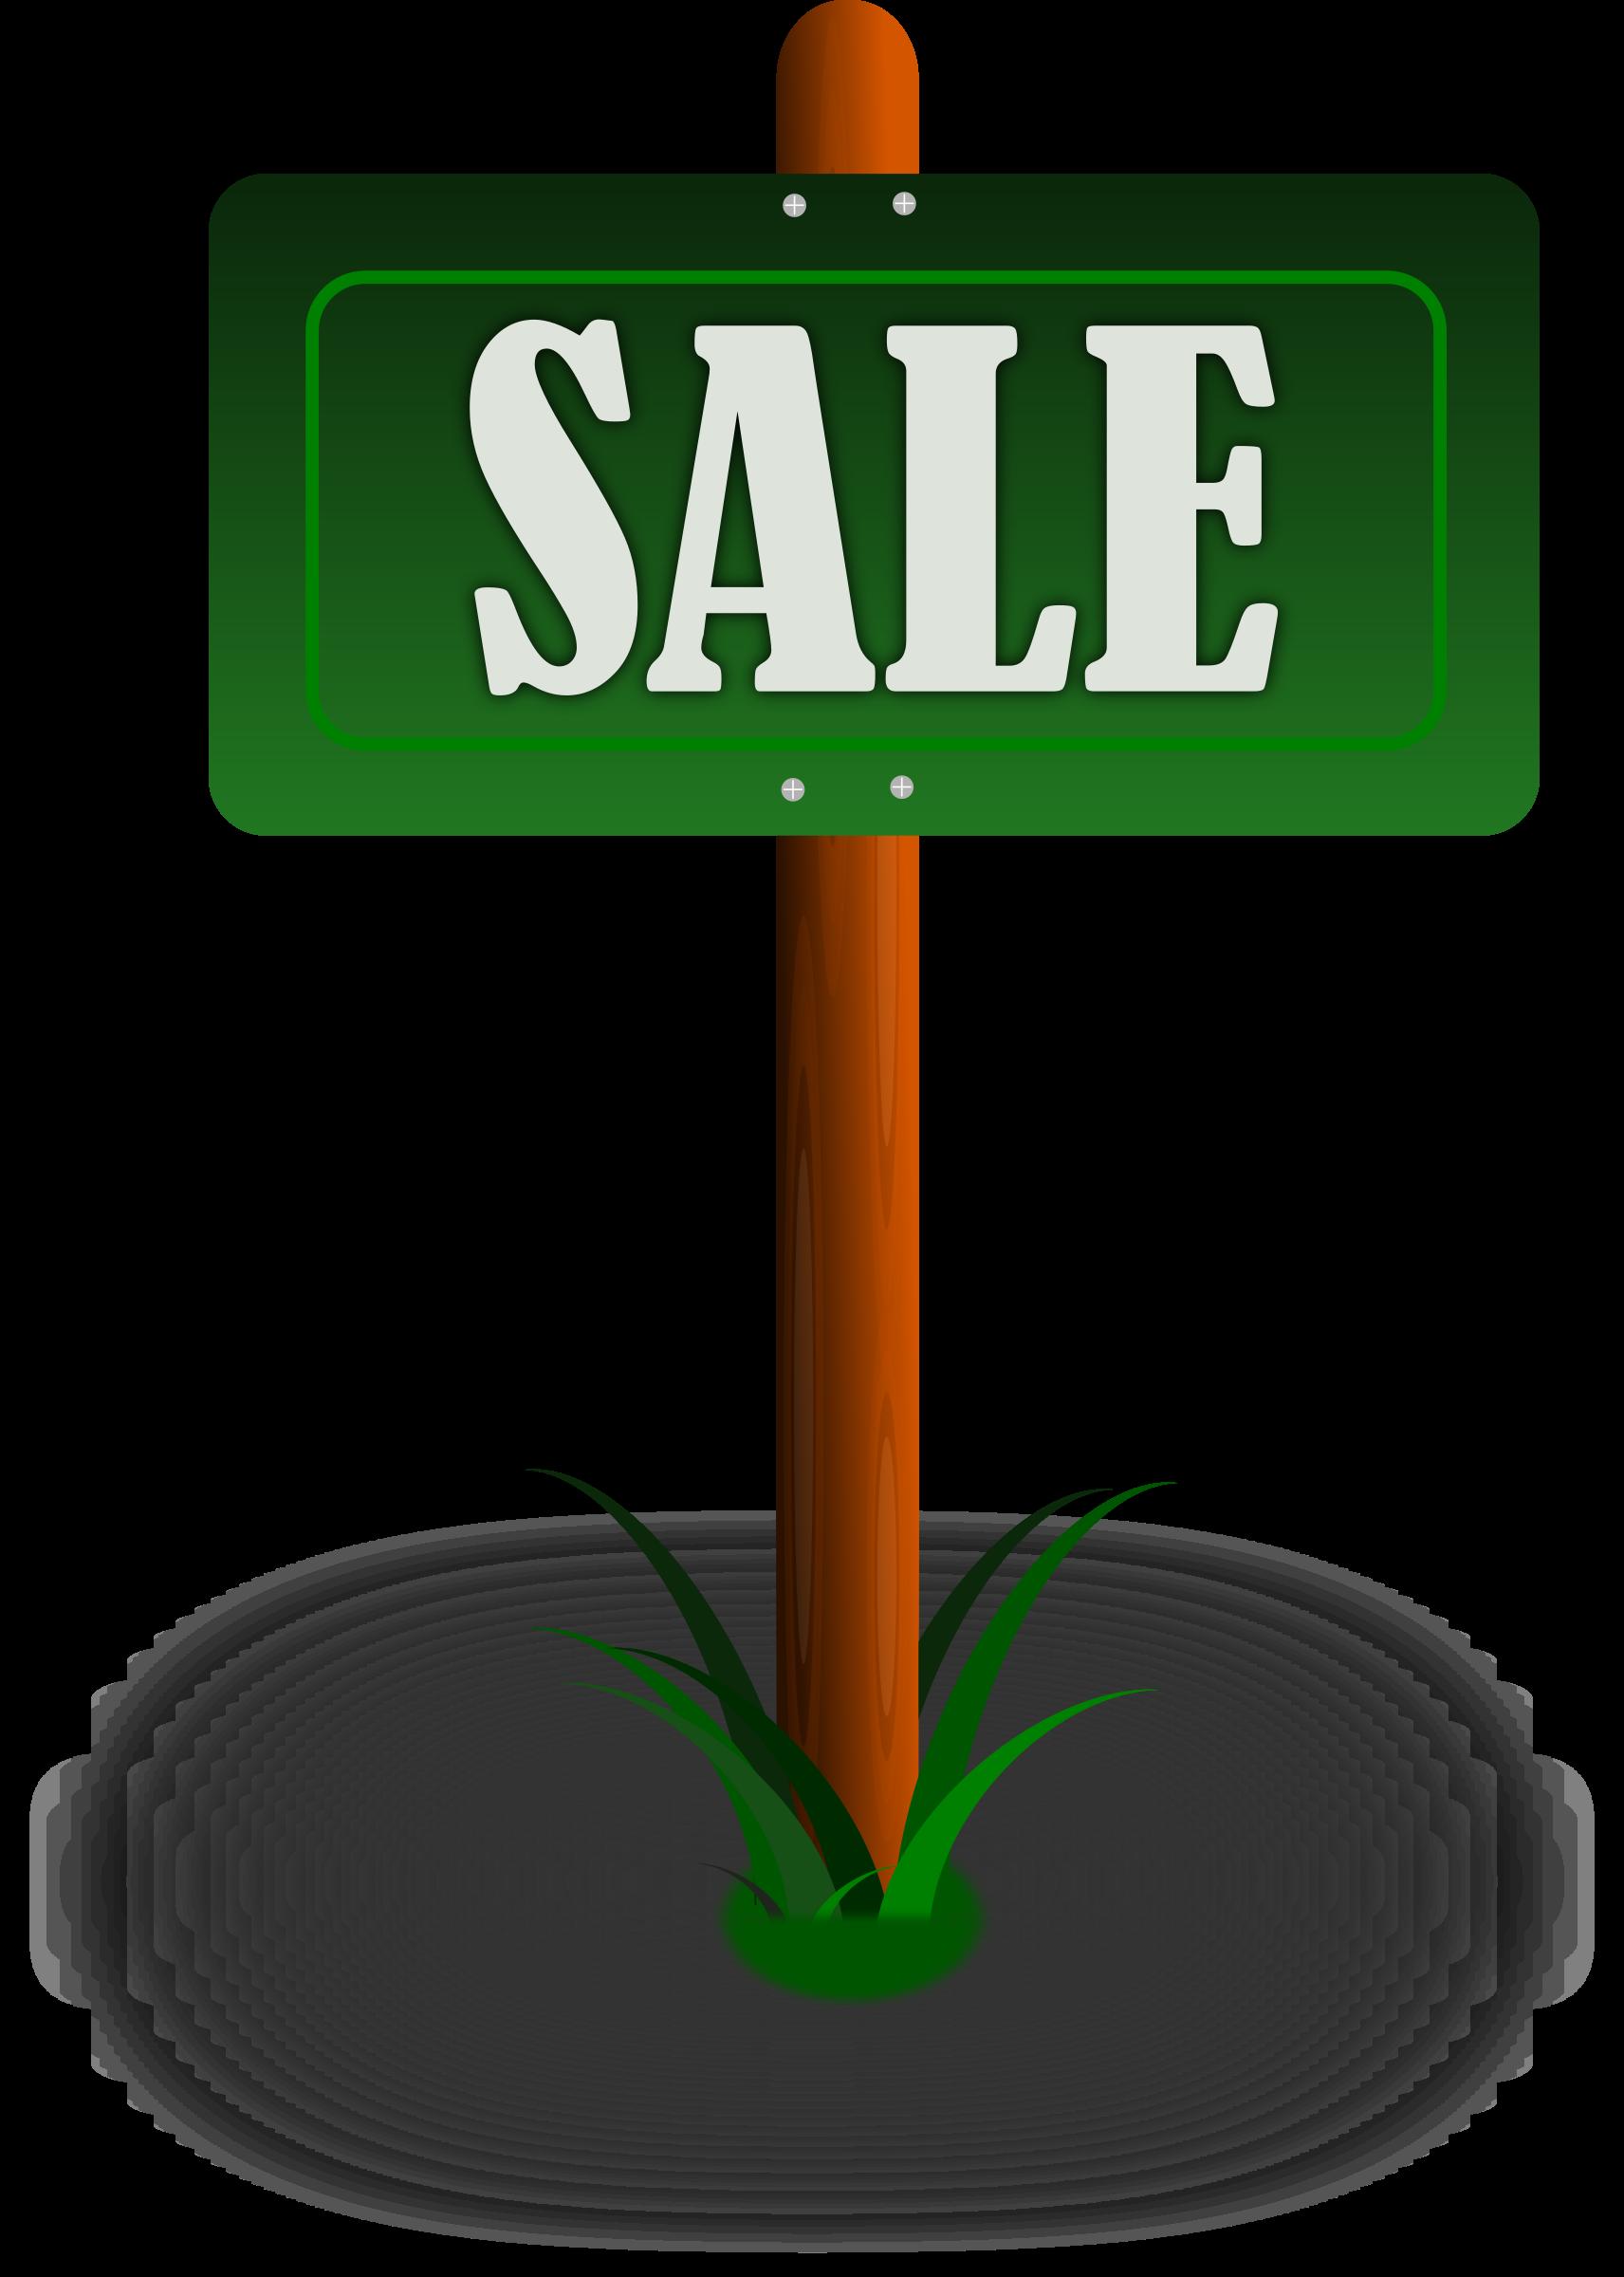 sale hd png transparent sale hd png images pluspng garage sale graphics clip art yard sale sign graphics